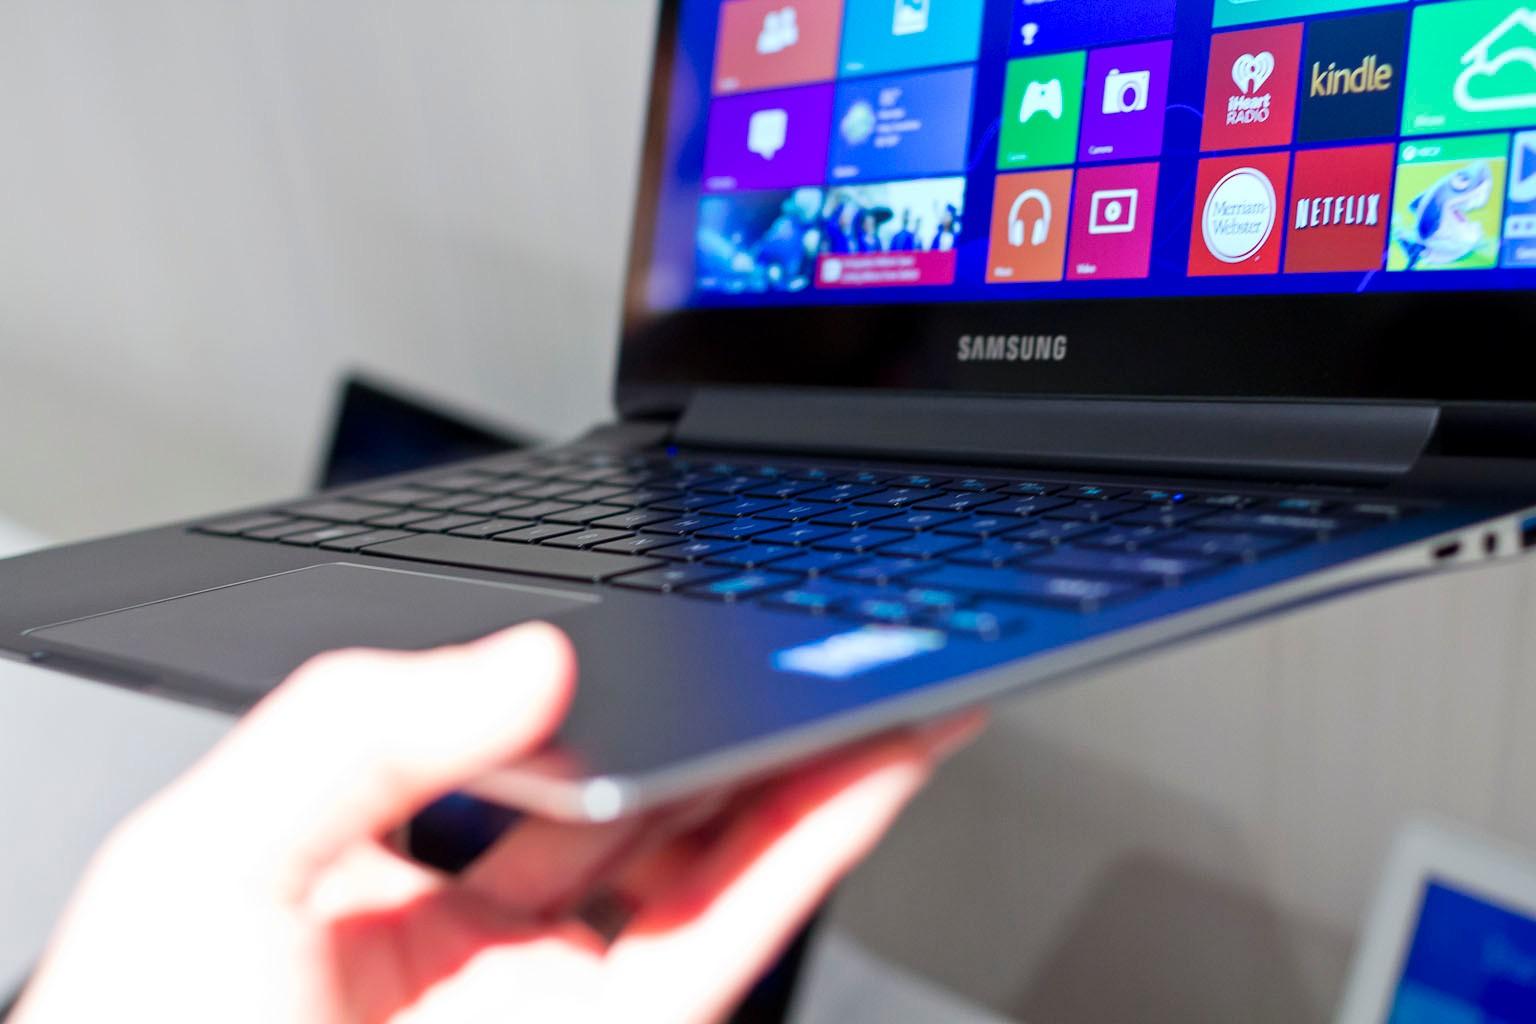 Notebook samsung lançamento 2013 - Os Pre Os Desses Notebooks Variam De Acordo Com Cada Modelo O Valor Oscila Entre R 1 399 00 E R 3 999 00